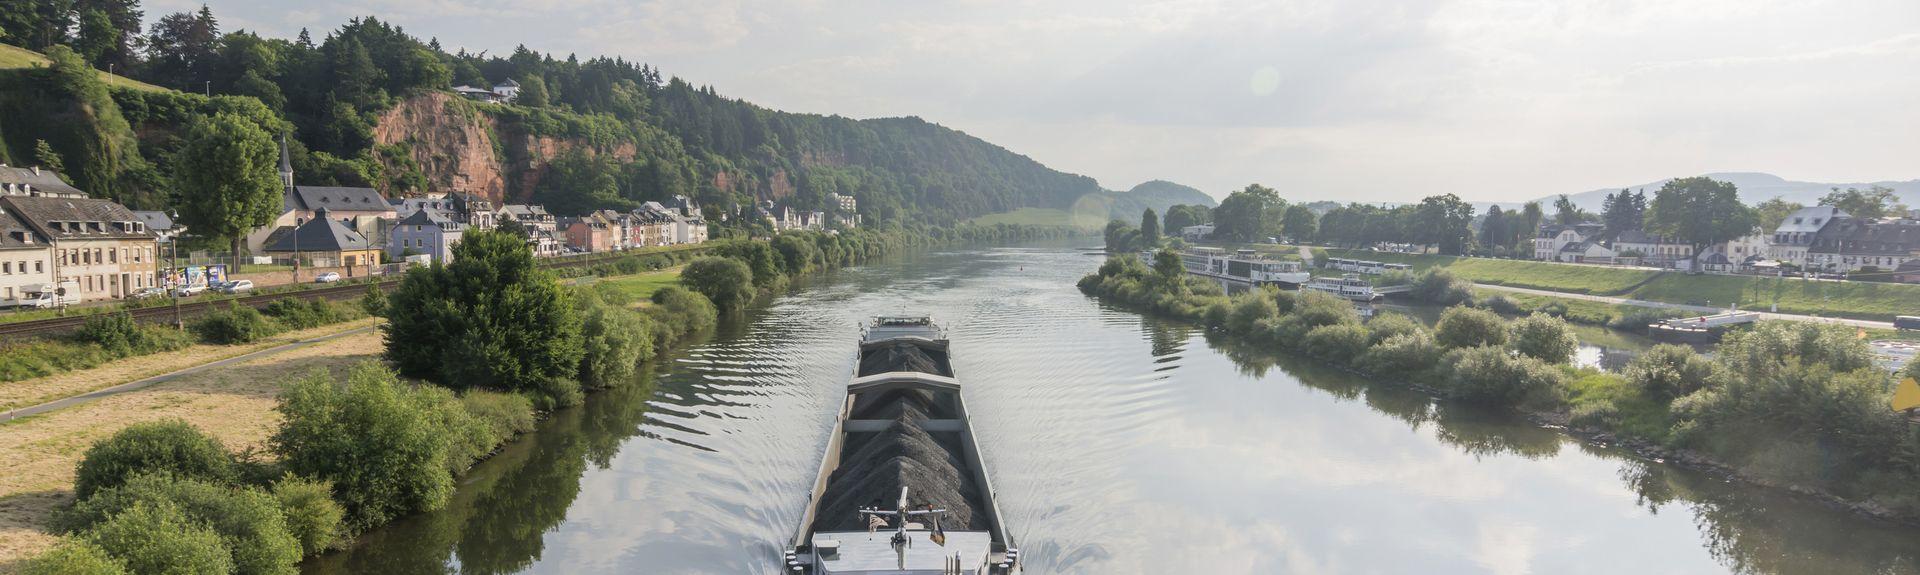 Trier, Rheinland-Pfalz, Deutschland